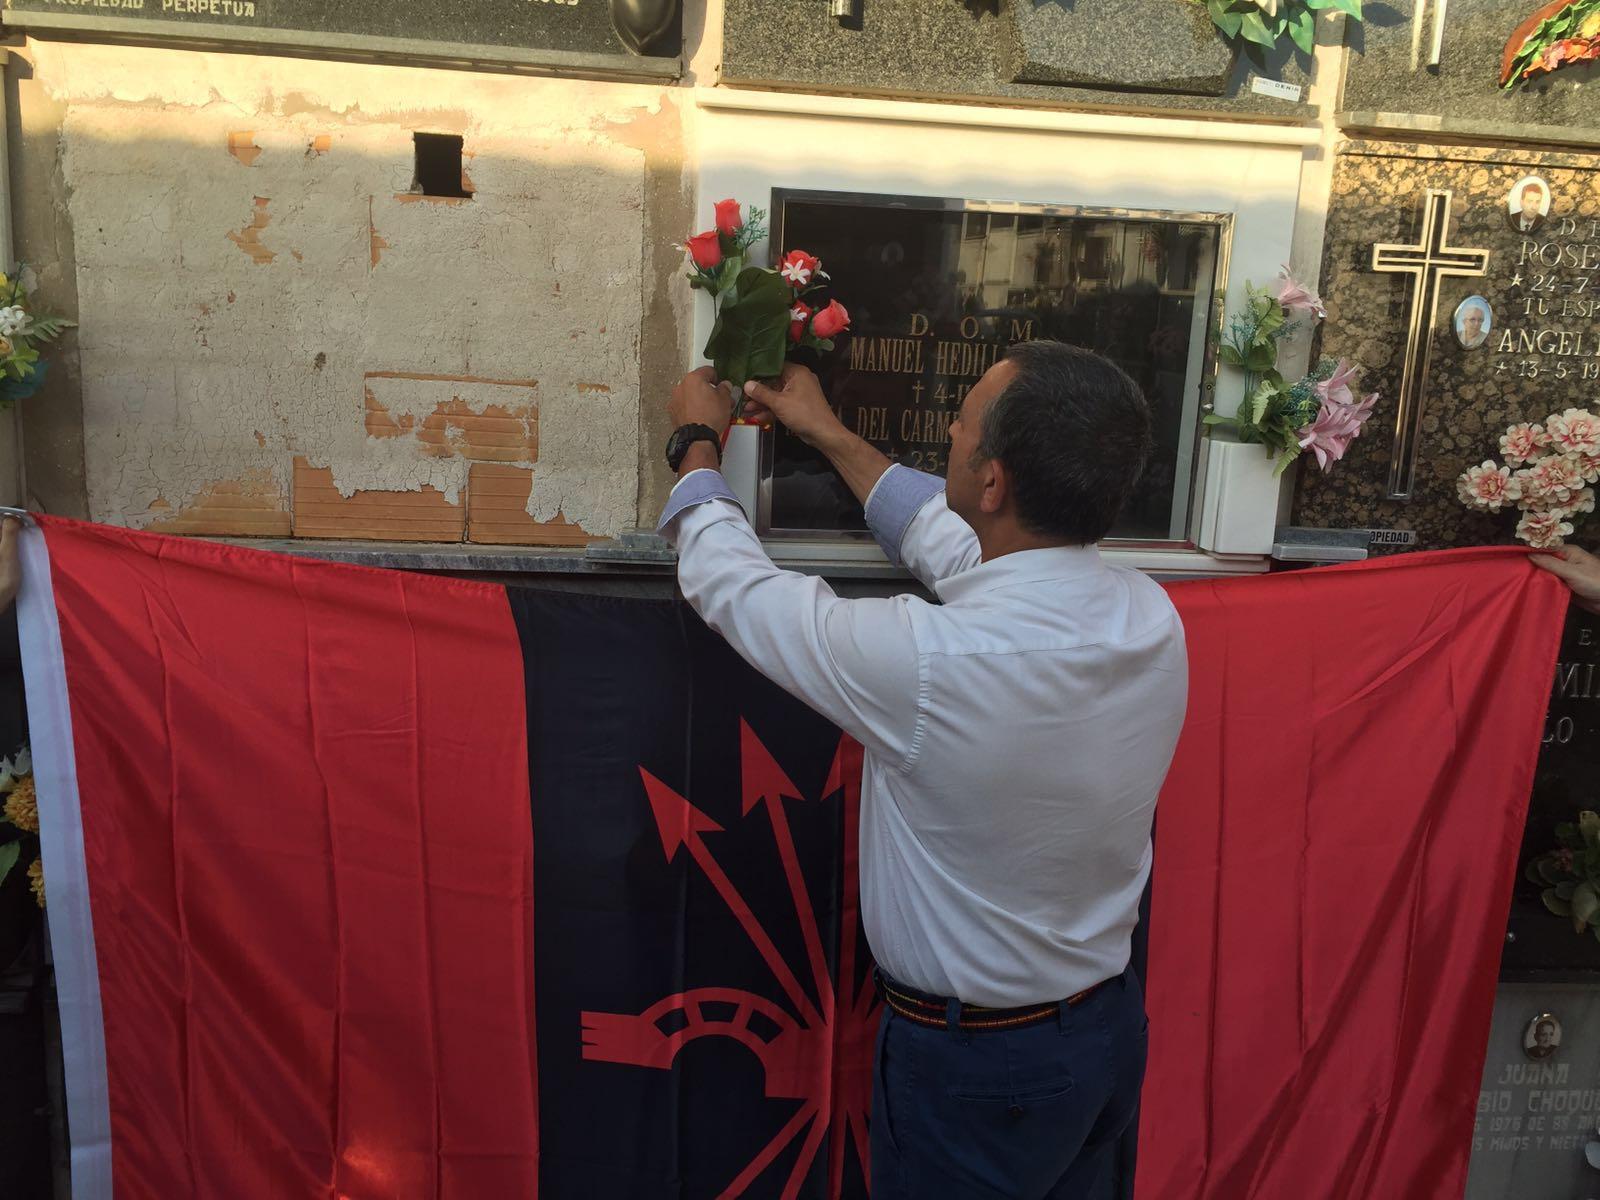 Una delegación de la Junta Nacional de La Falange visita la tumba de Manuel Hedilla